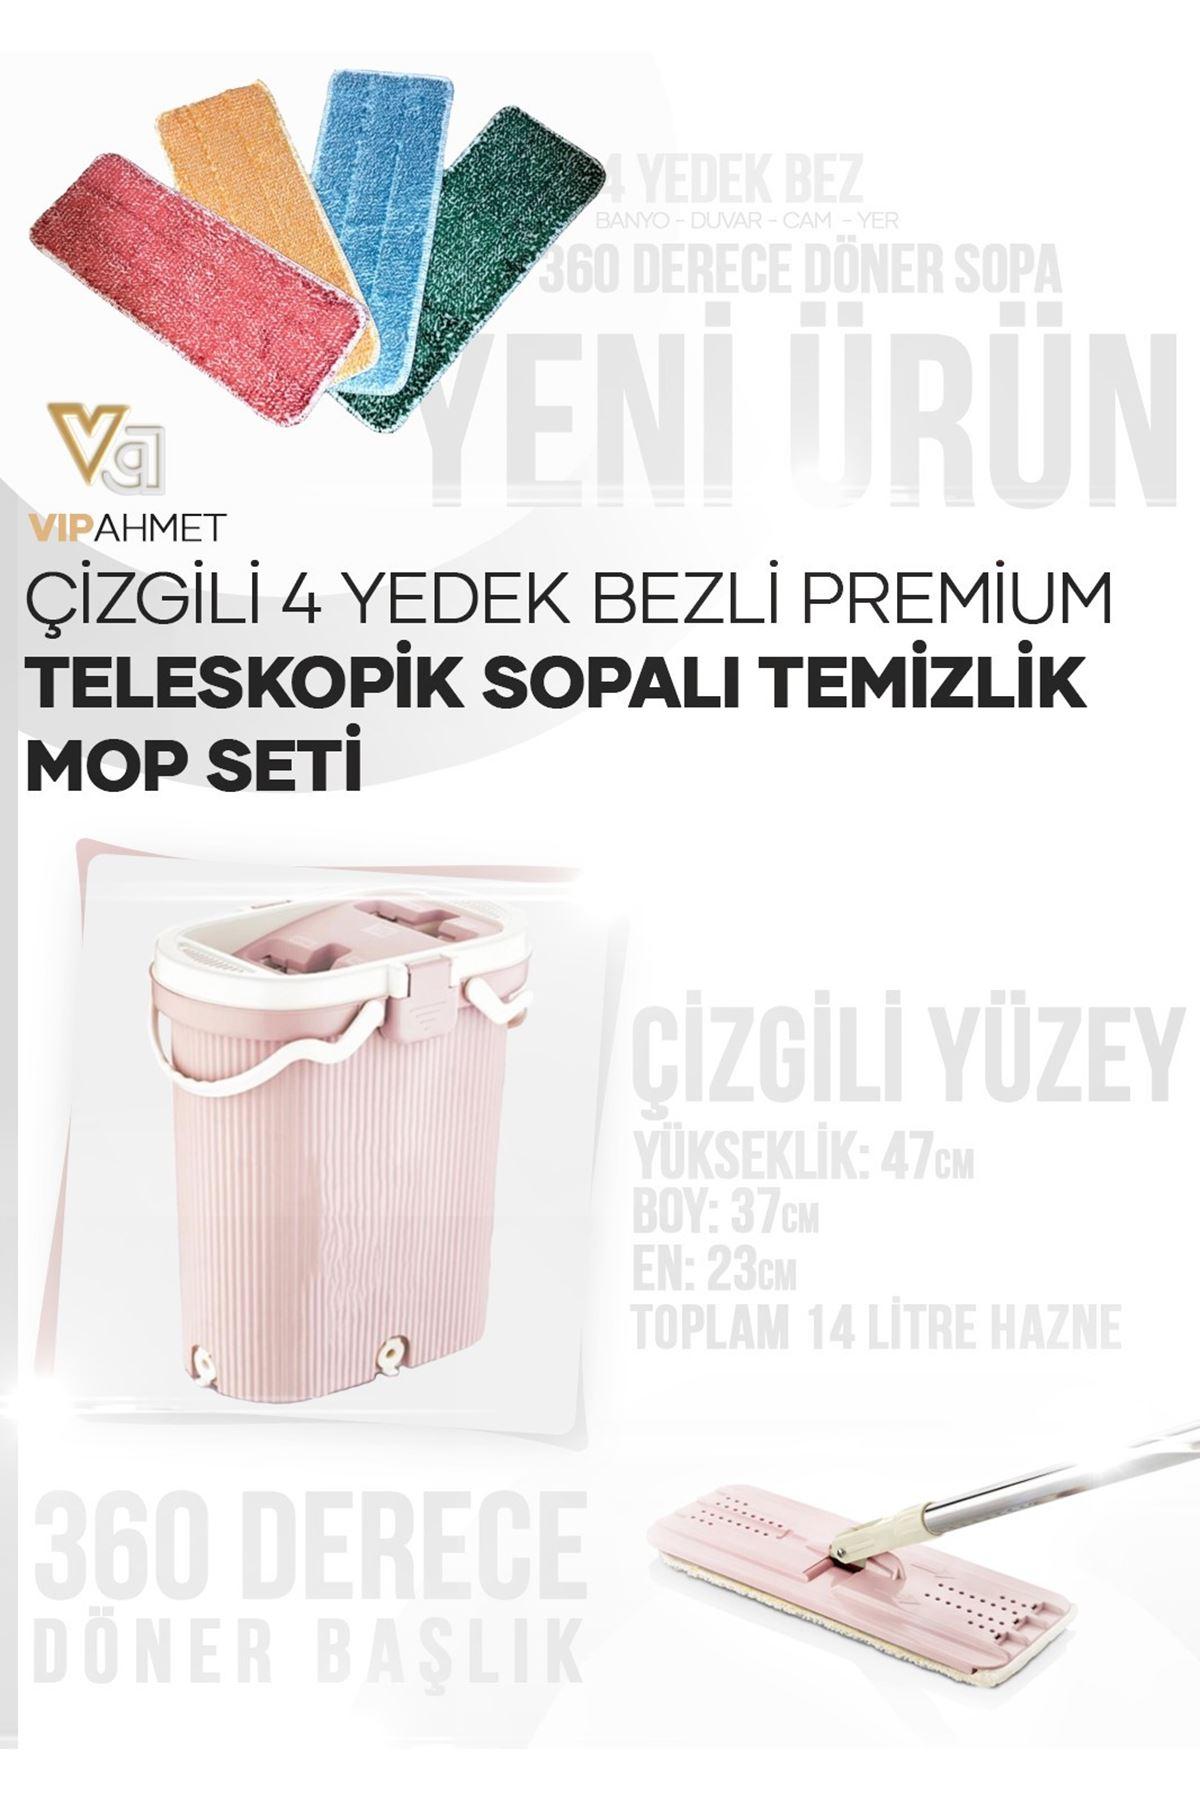 Vip Ahmet Yeni Çizgili 4 Yedek Bezli Premium Teleskopik Sopalı Temizlik Mop Seti